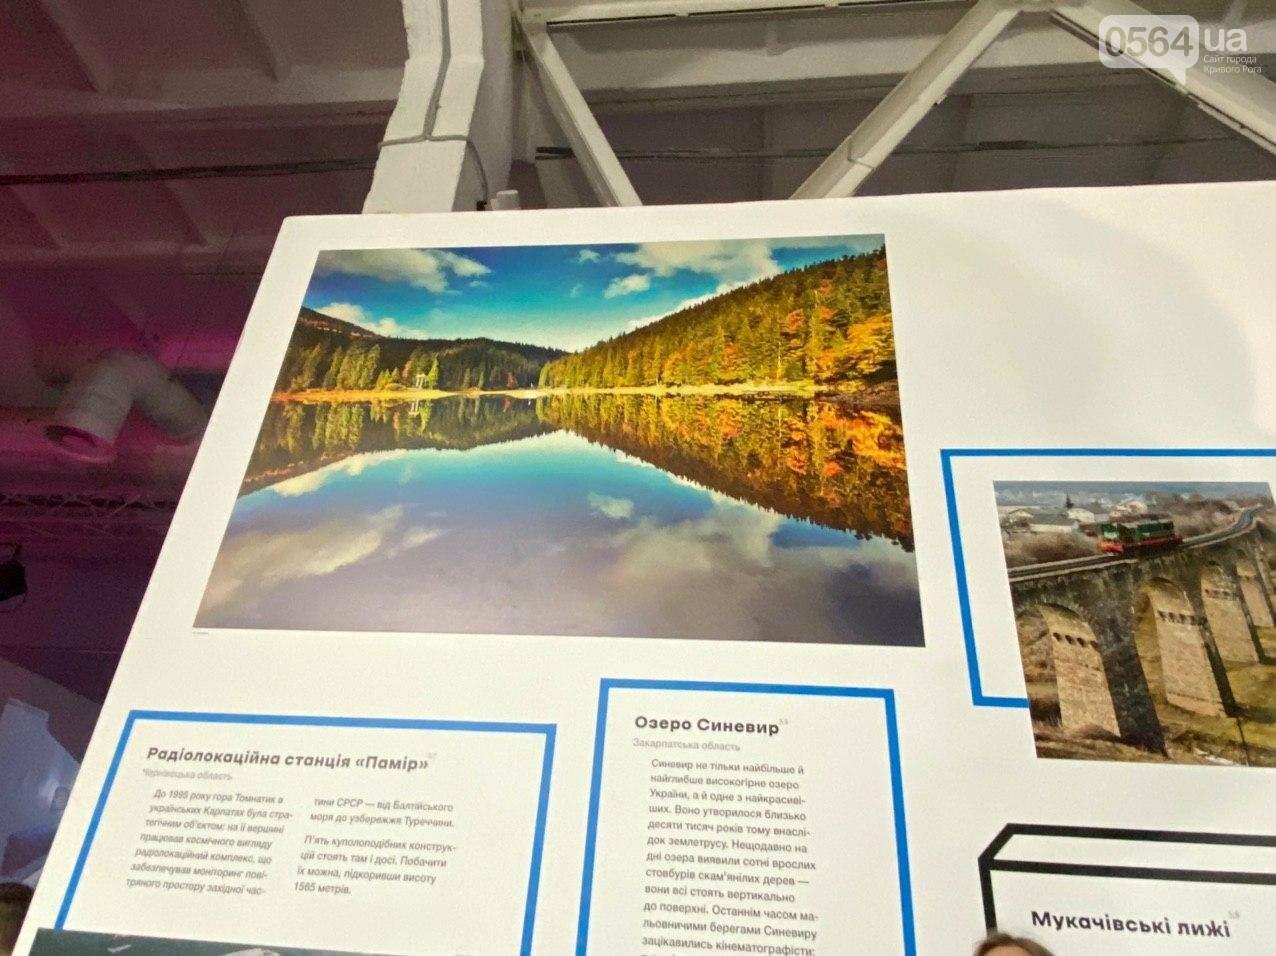 Ukraine WOW: что можно было узнать о Кривом Роге на интерактивной выставке, - ФОТО , фото-17